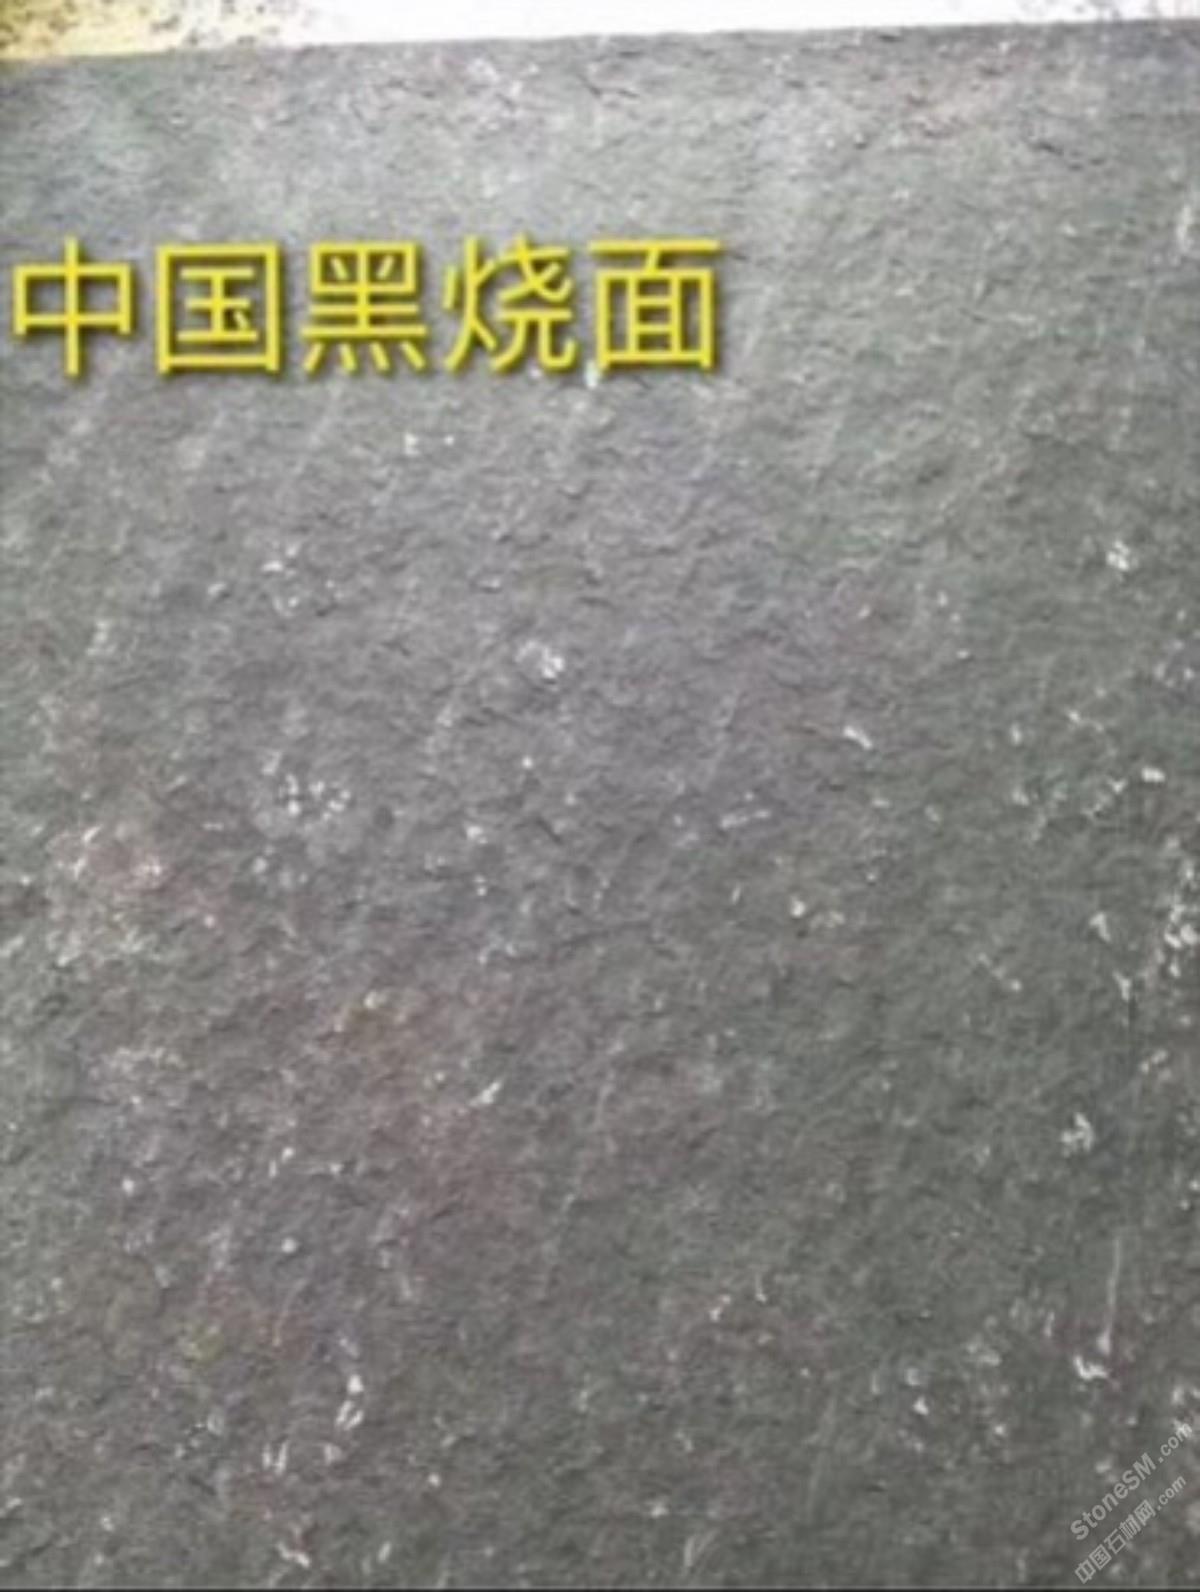 新中国黑烧面